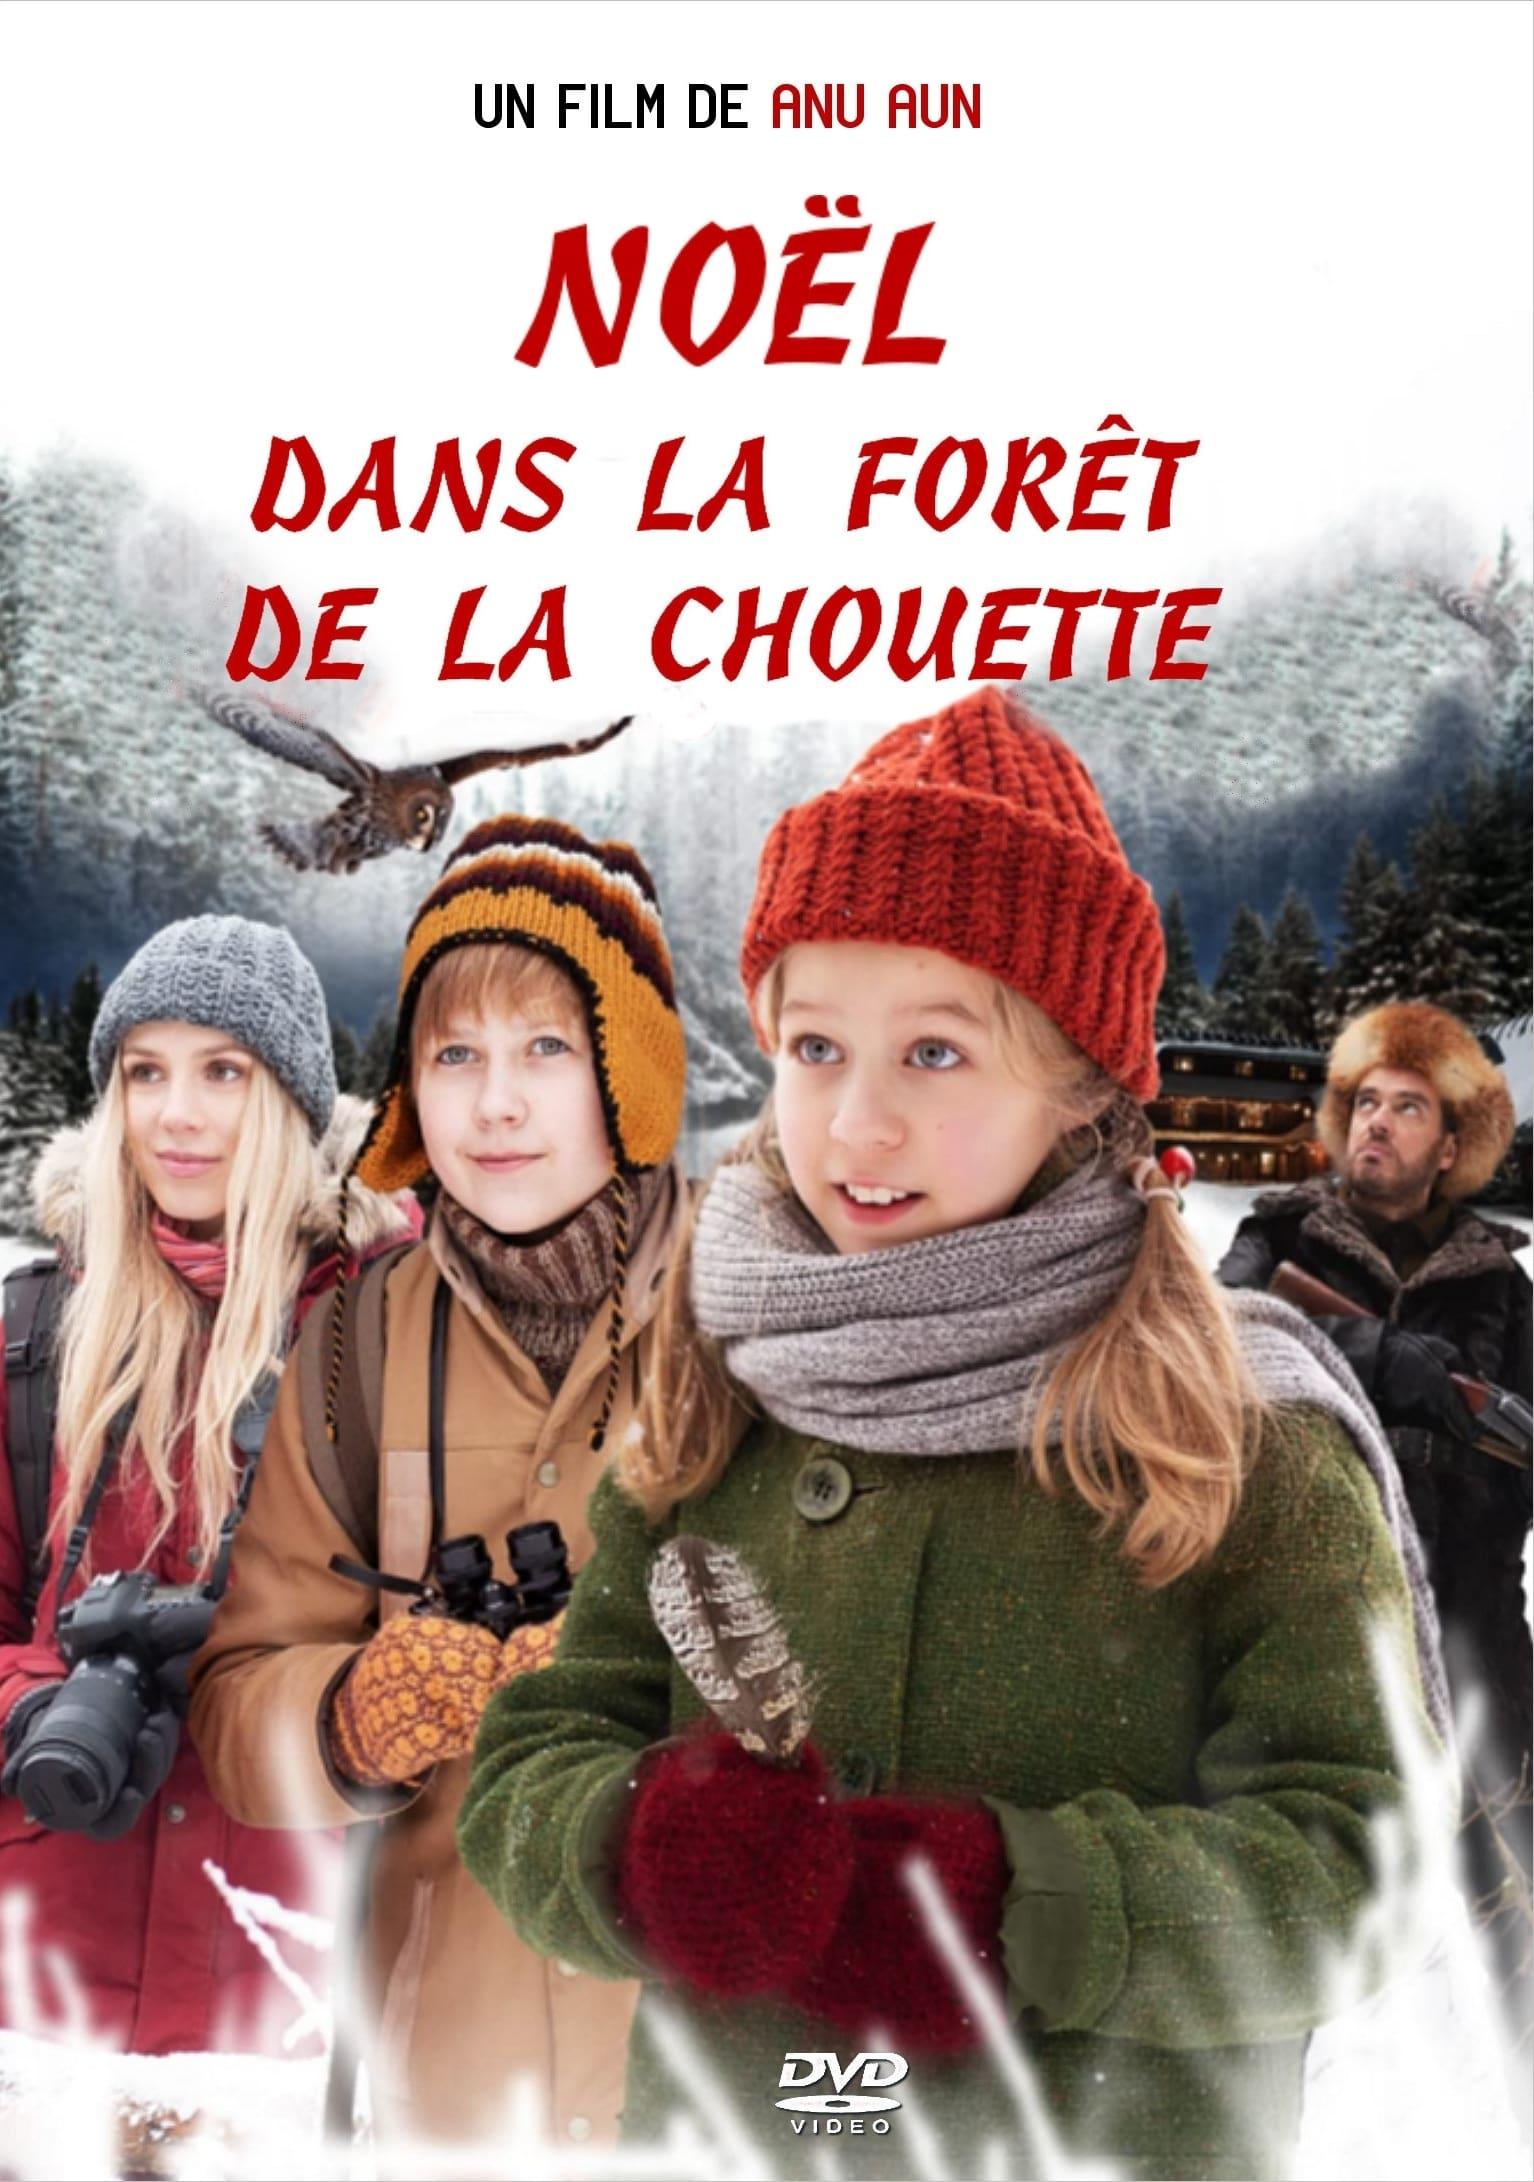 Nol-Dans-La-Fort-De-La-Chouette-Eia-Julud-Tondikakul-2020-23